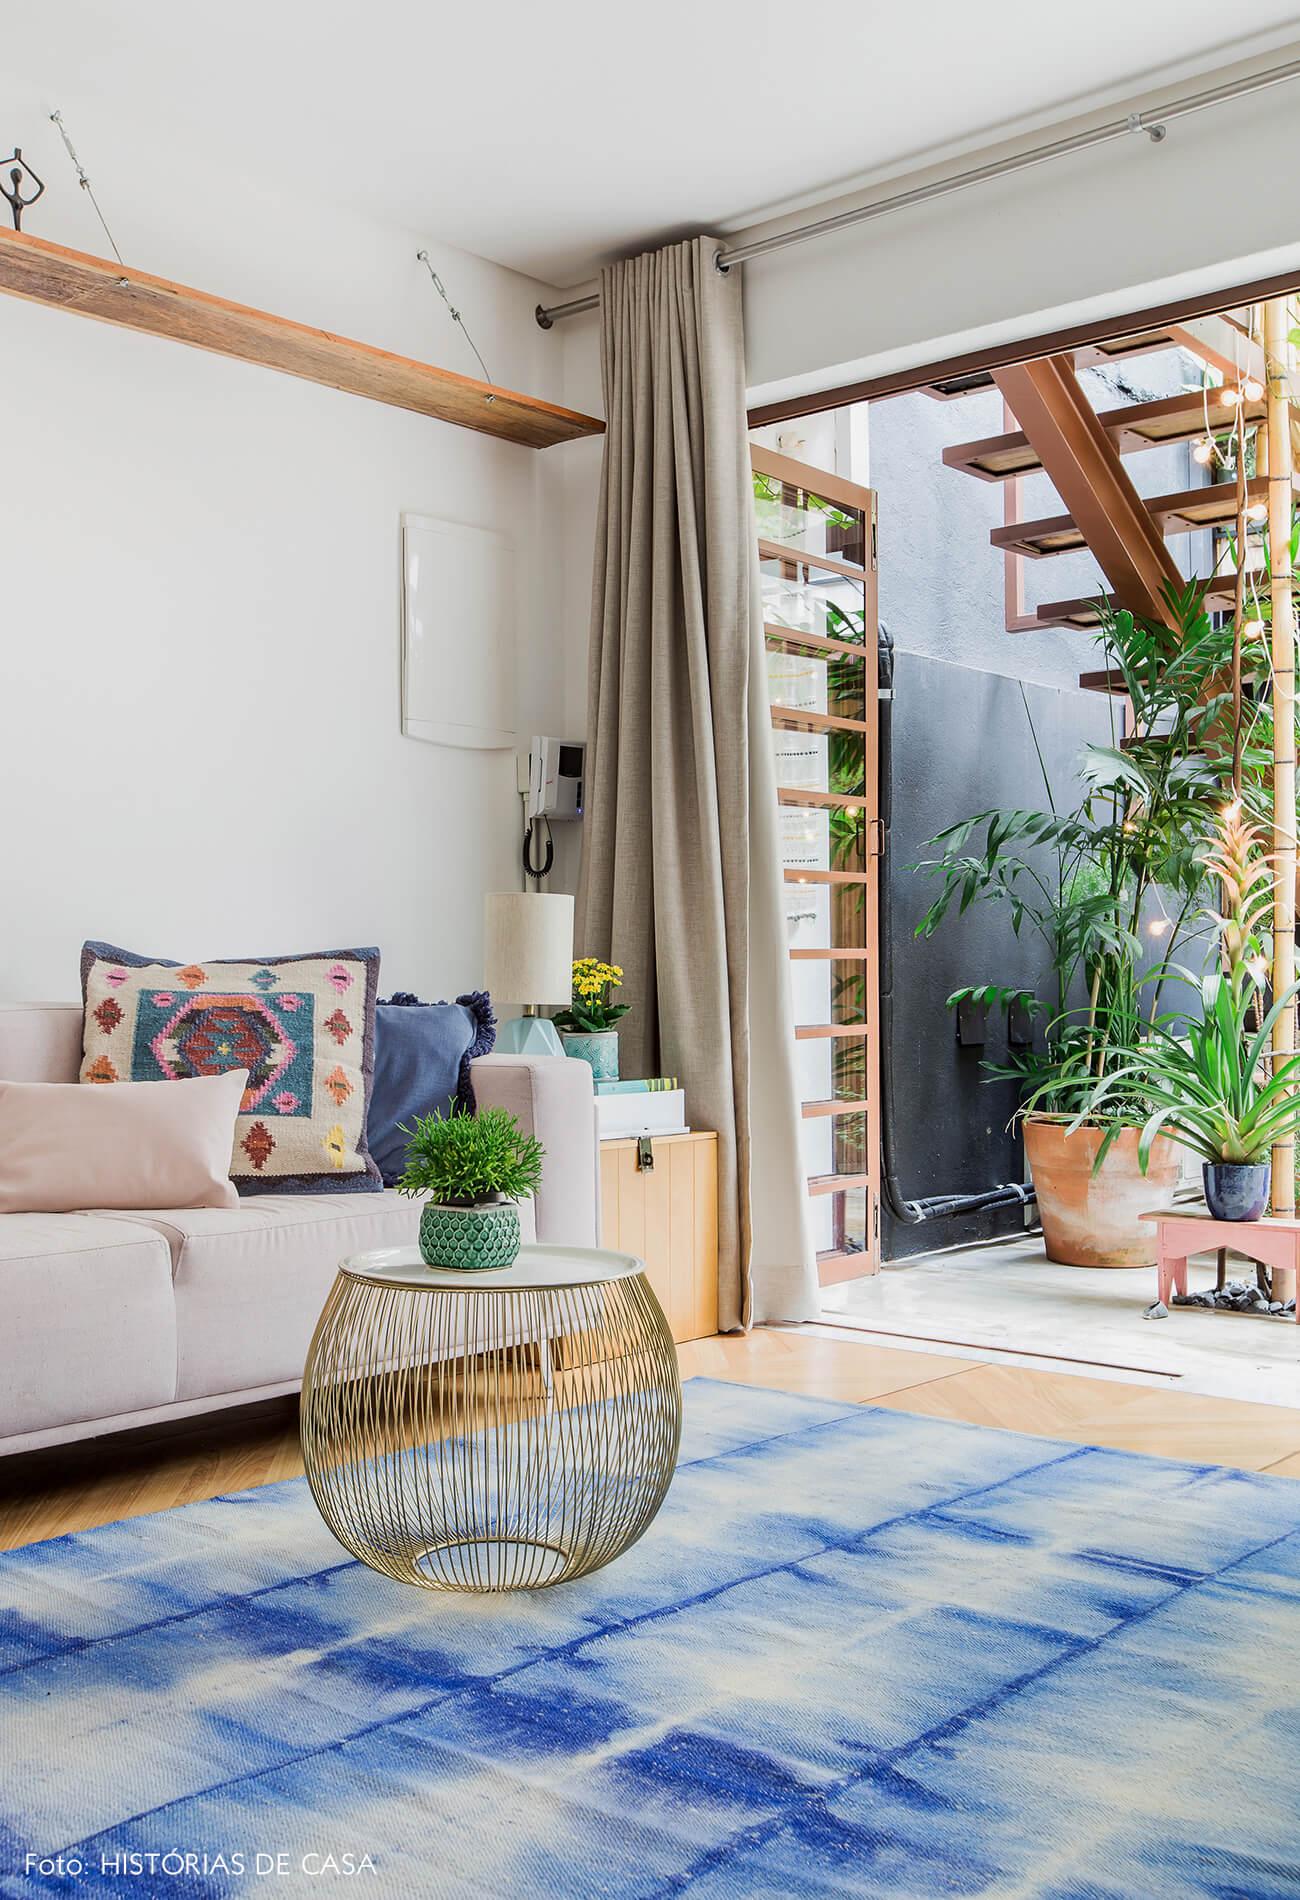 Casa com decoração colorida e tapete azul na sala